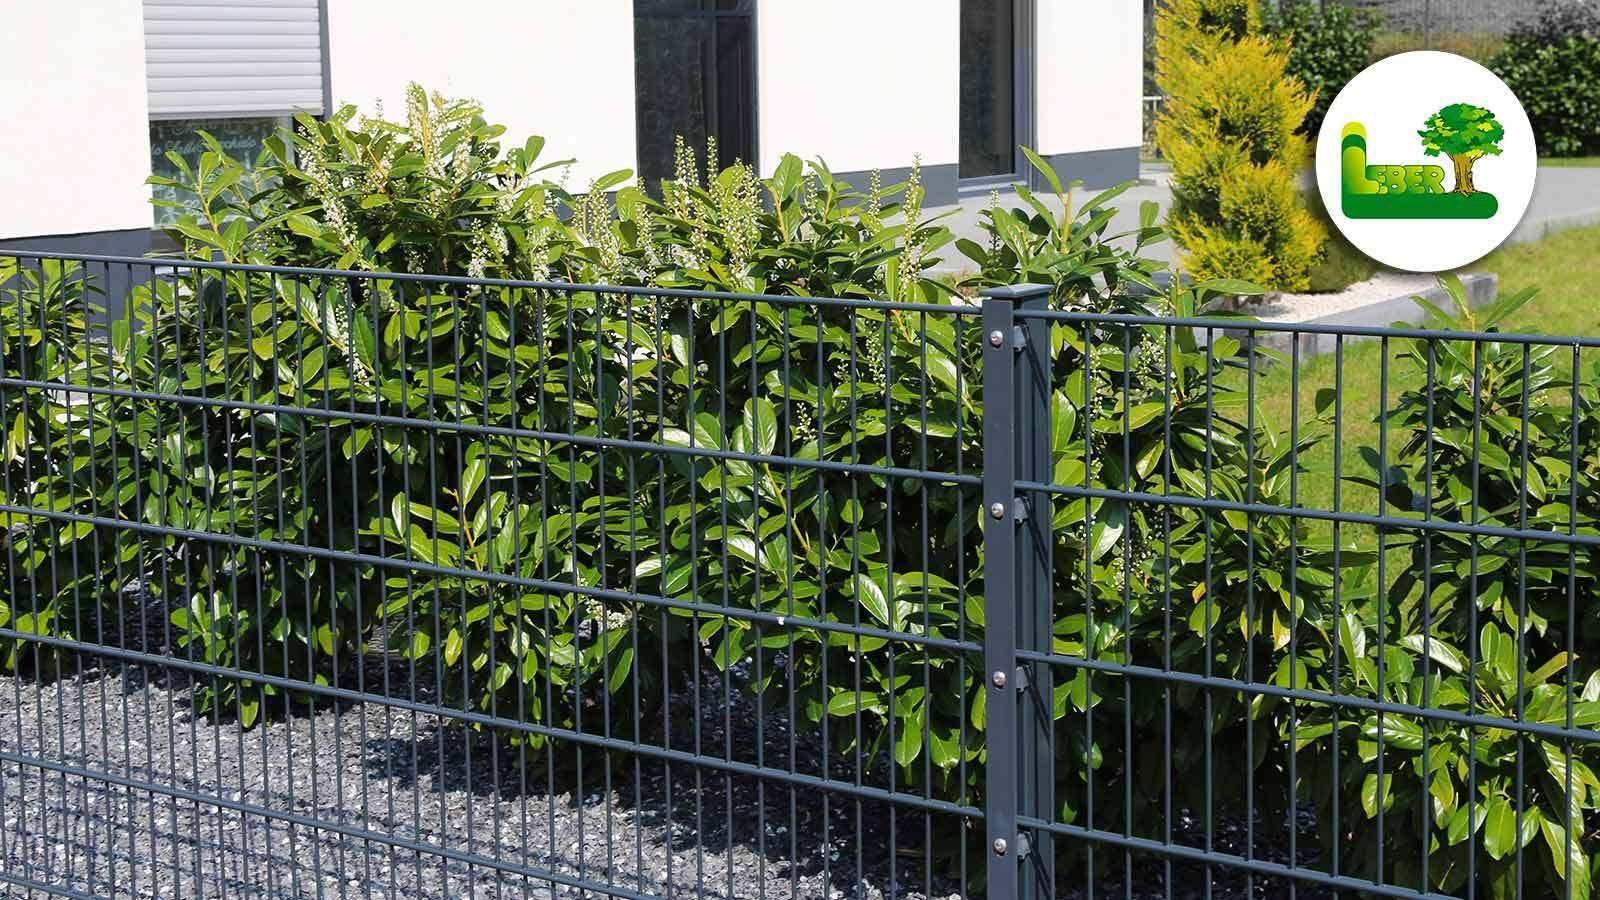 Doppelstabmattenzaun Doppelstabmattenzaun Garten Zaun